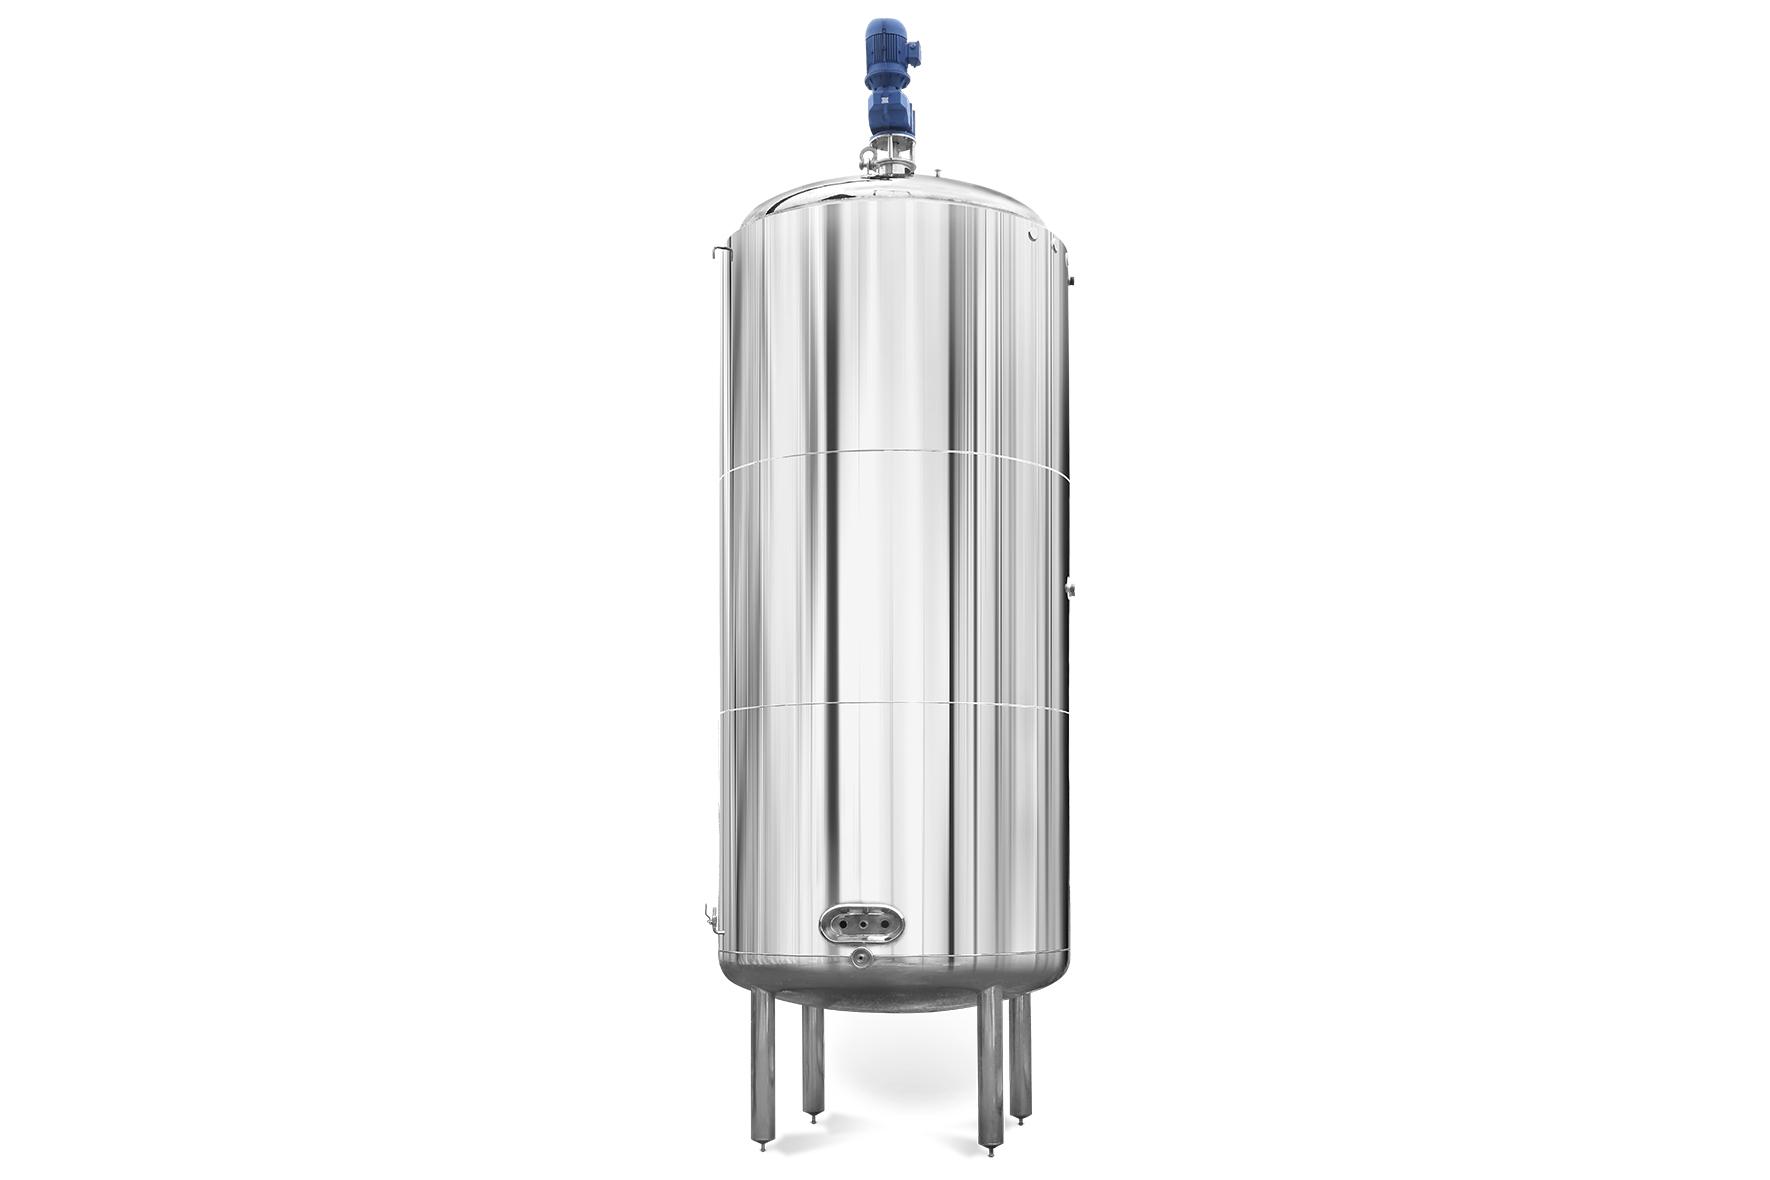 Tanque Misturador em Aço Inox para Alimentos, Bebidas e Químicos